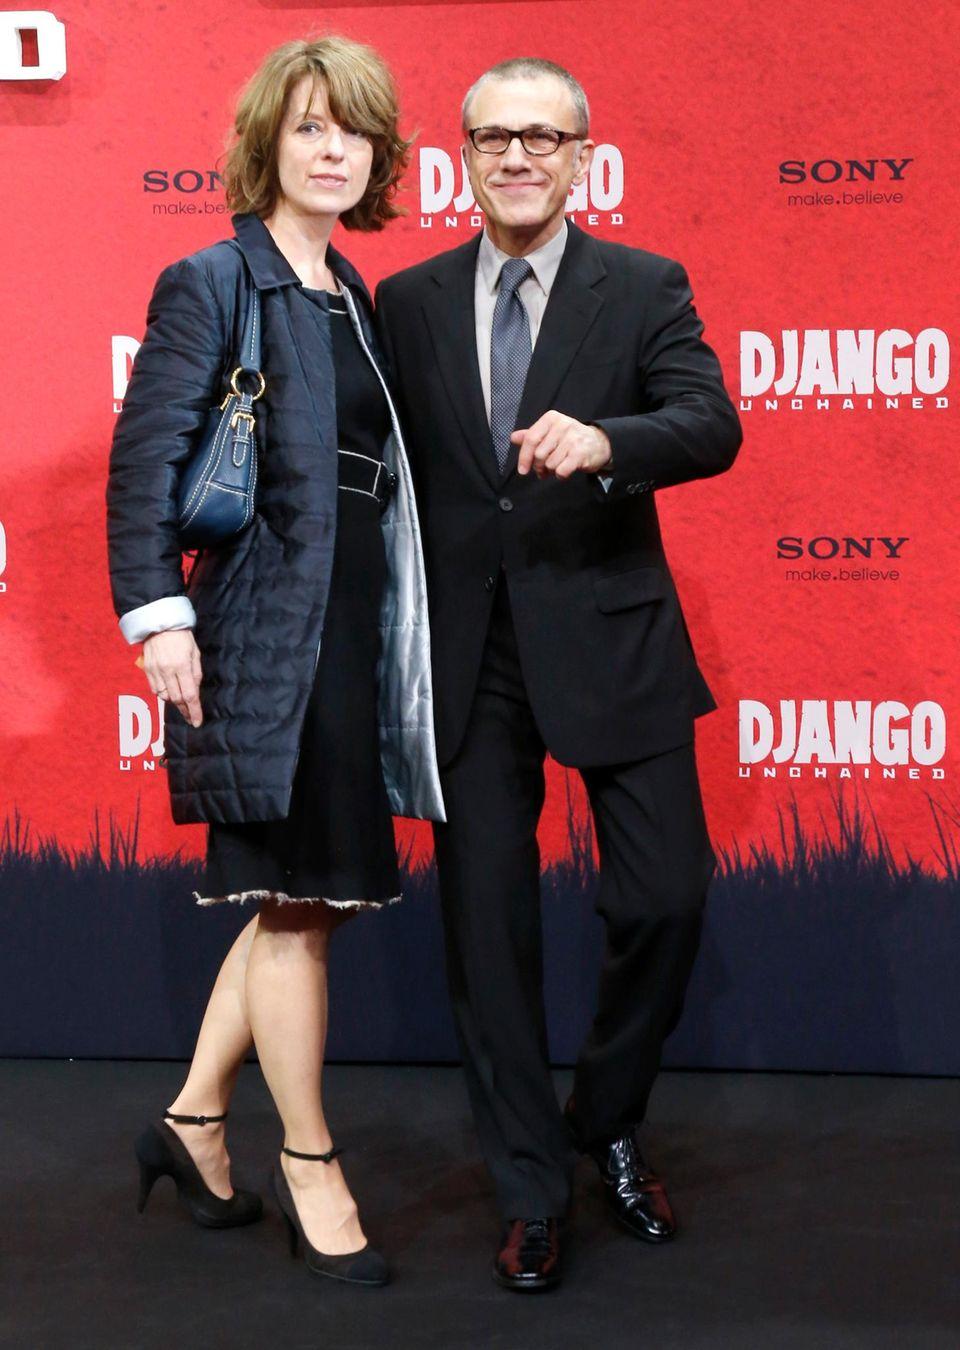 Auch privat stimmt alles: Seit 2001 ist Kostümbildnerin Judith Holste die Frau an Waltz ? Seite, mittlerweile sind die beiden verheiratet.